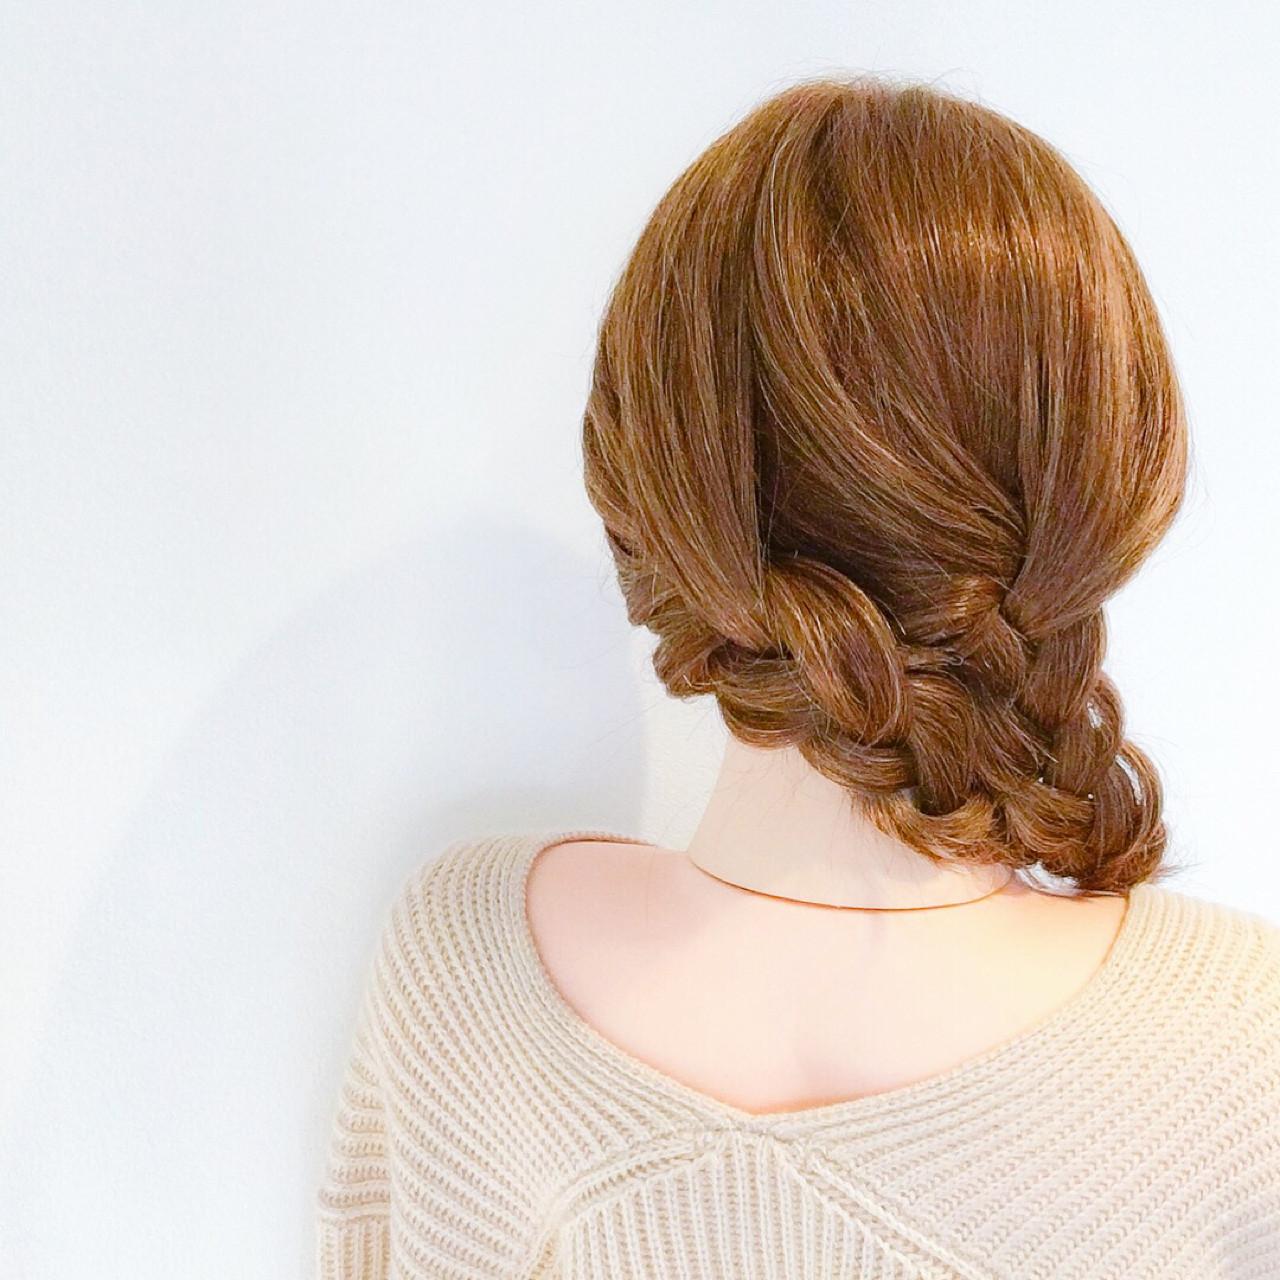 簡単ヘアアレンジ アウトドア ショート ヘアアレンジ ヘアスタイルや髪型の写真・画像